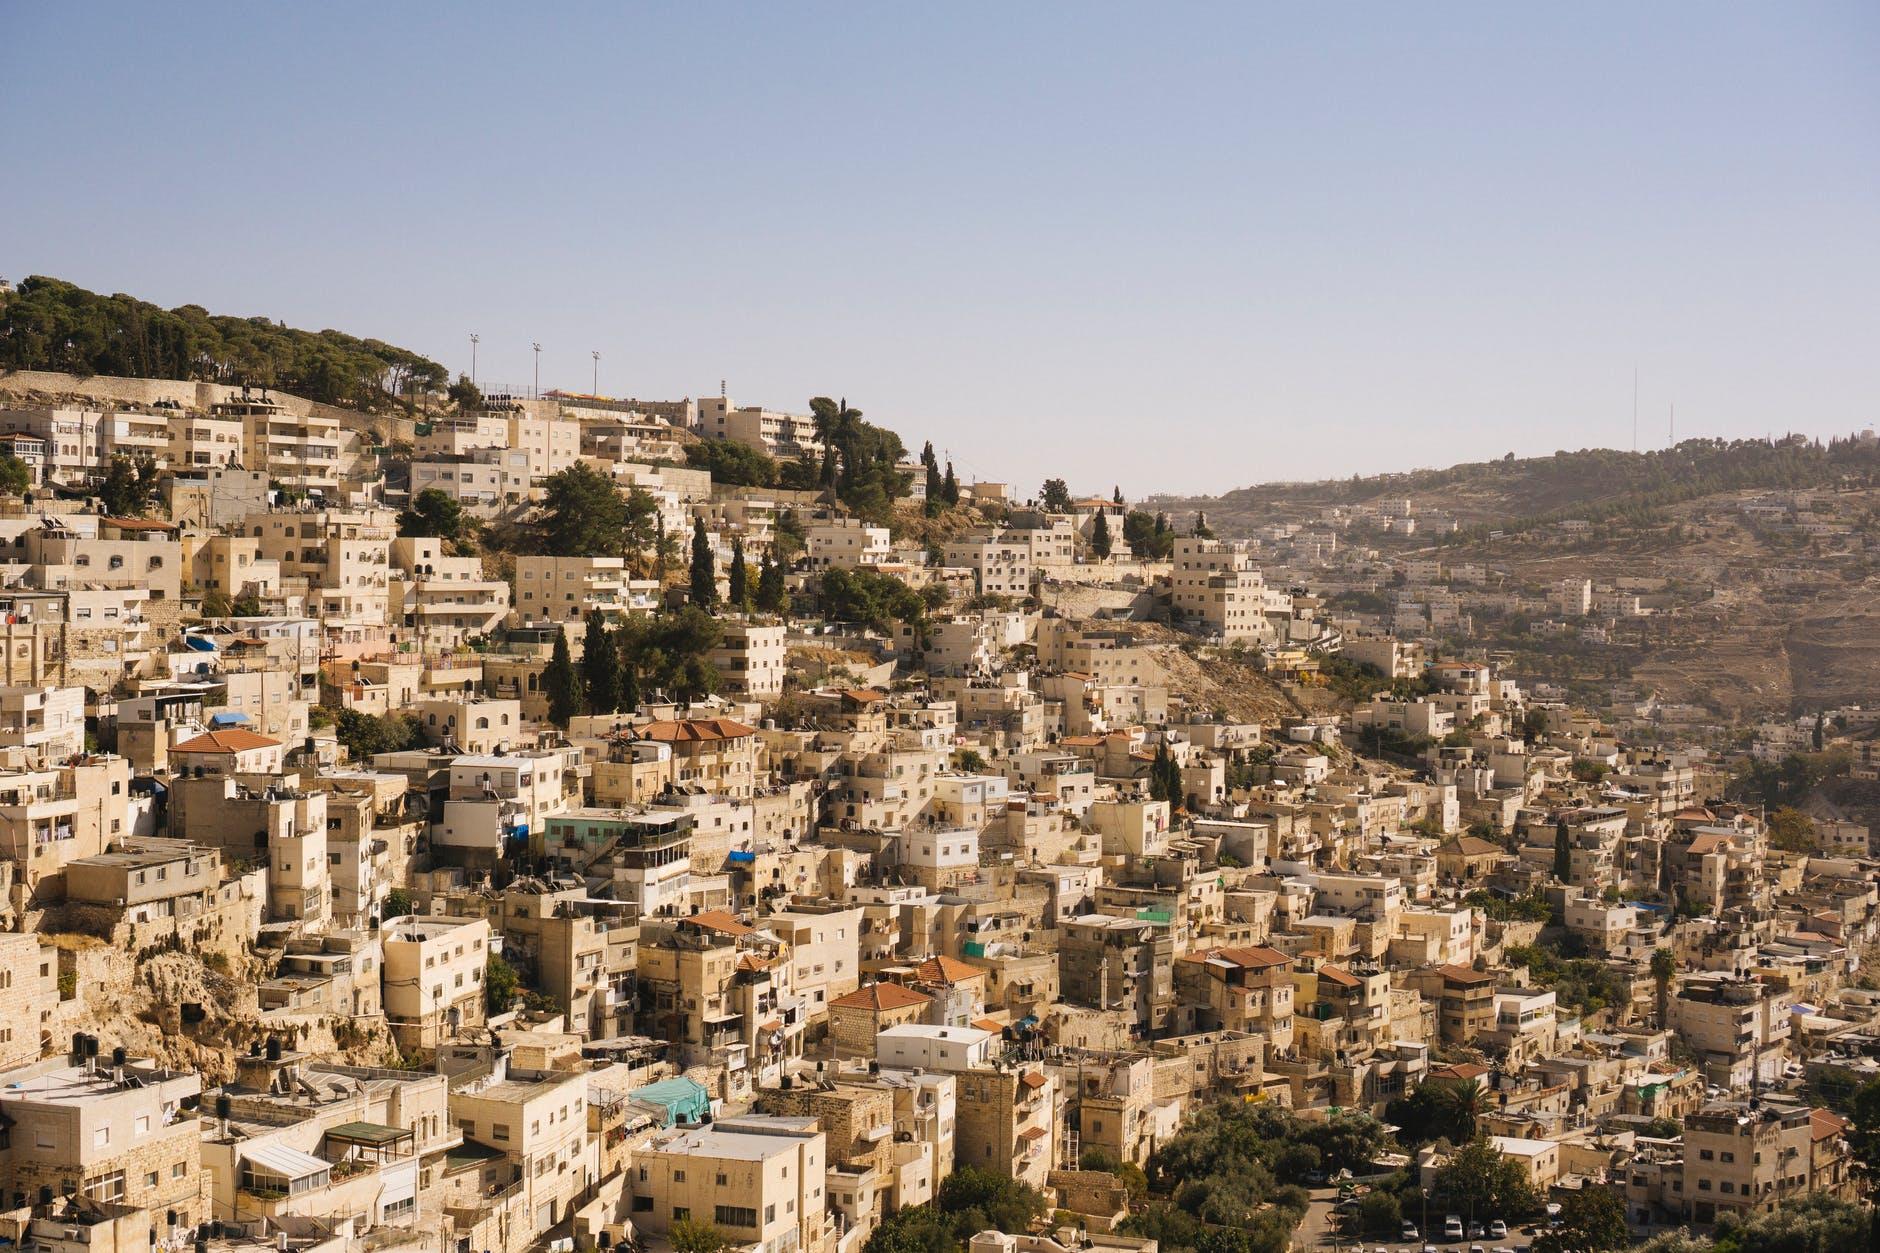 צימרים יוקרתיים בירושלים לזוגות ומשפחות באוויר צלול כיין.